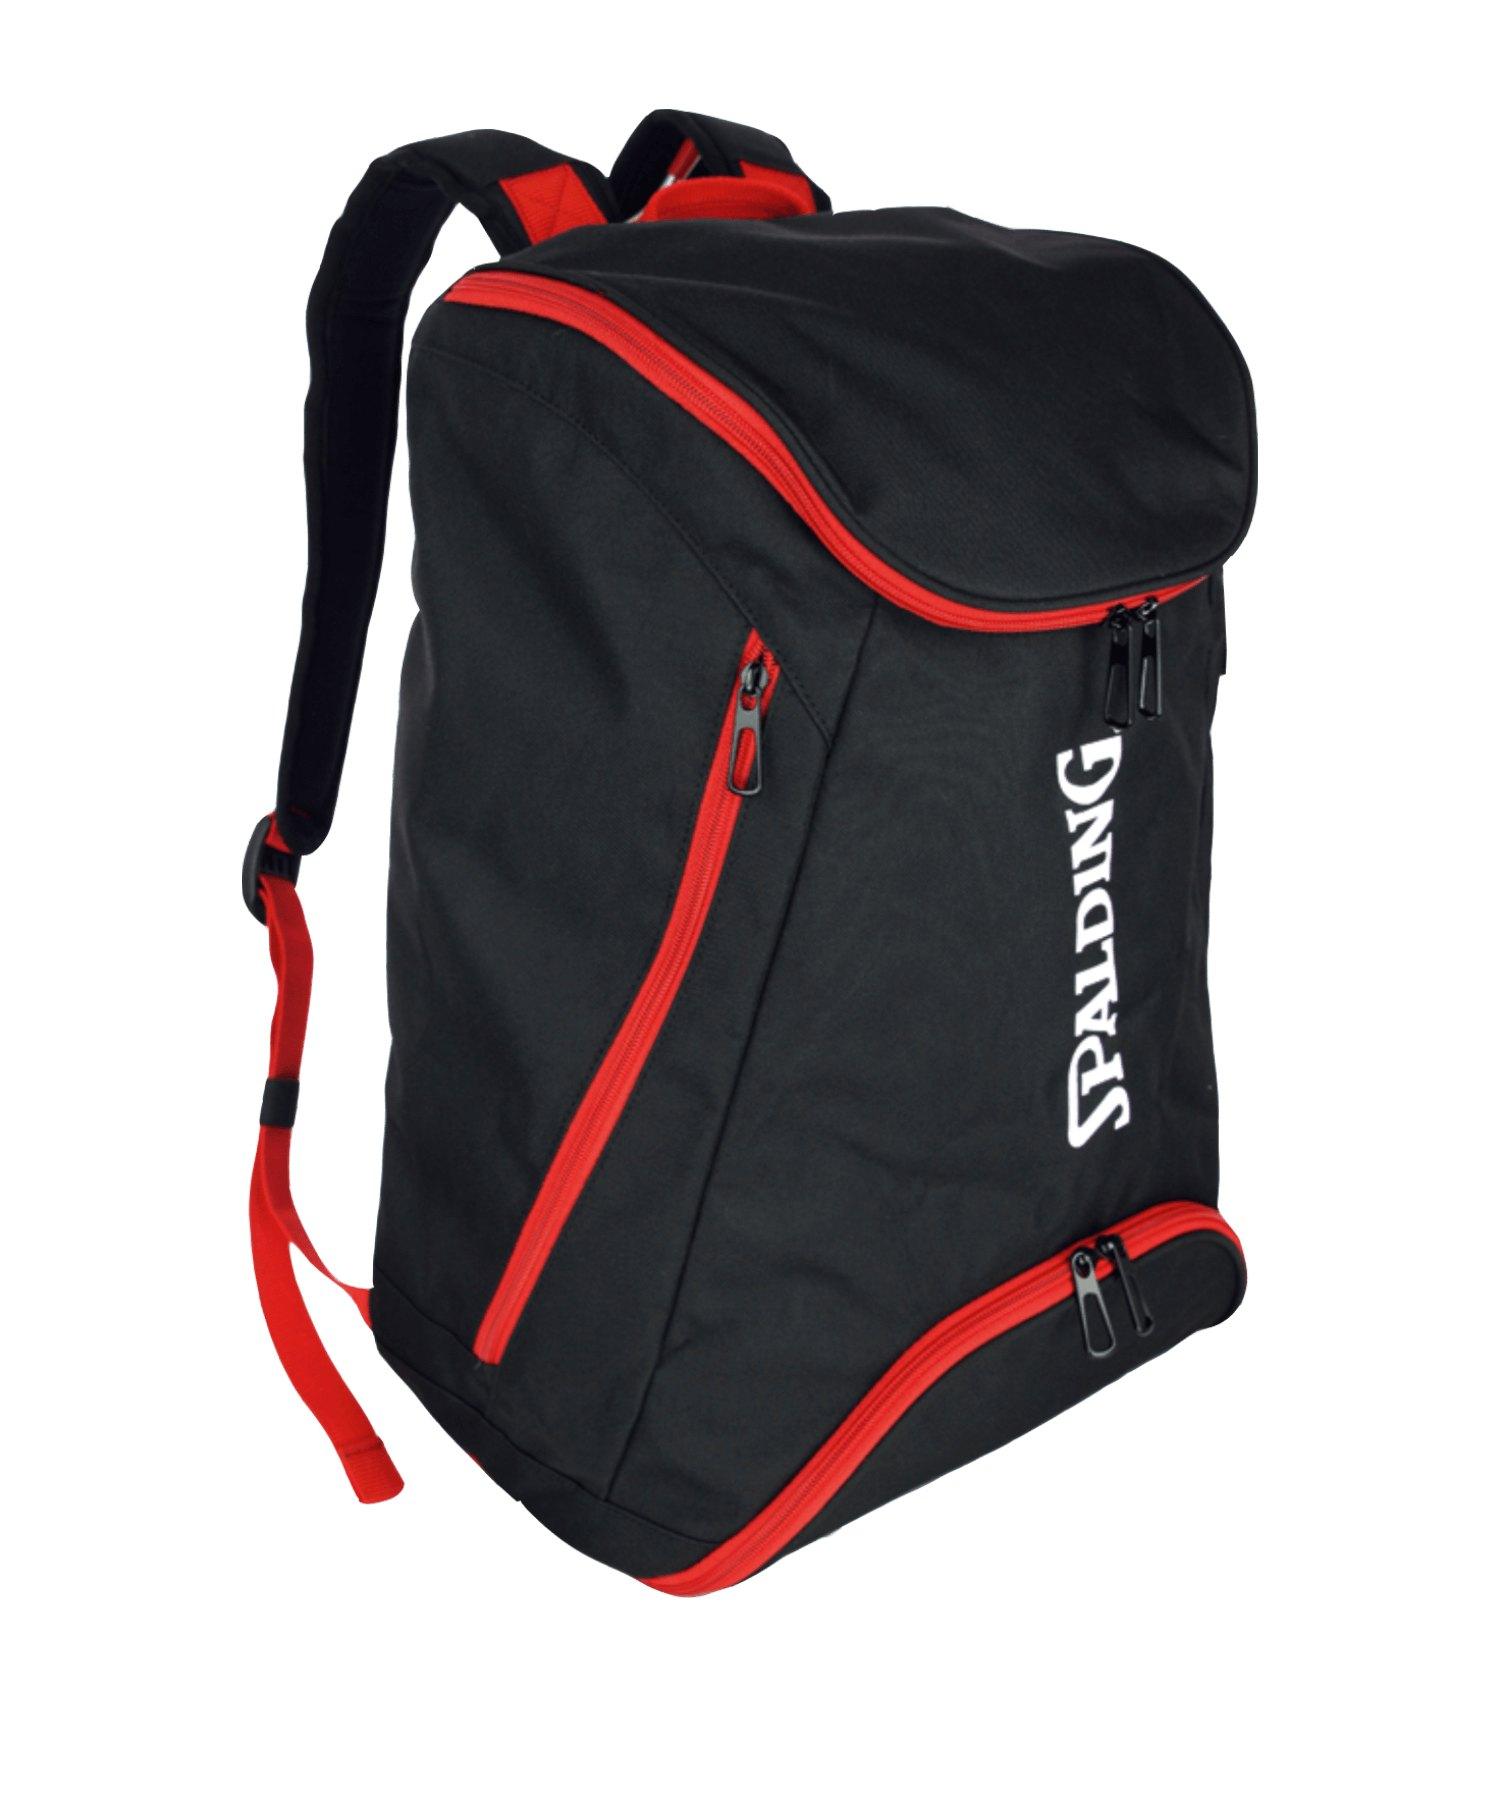 Uhlsport Backpack Rucksack Schwarz Weiss F03 - schwarz